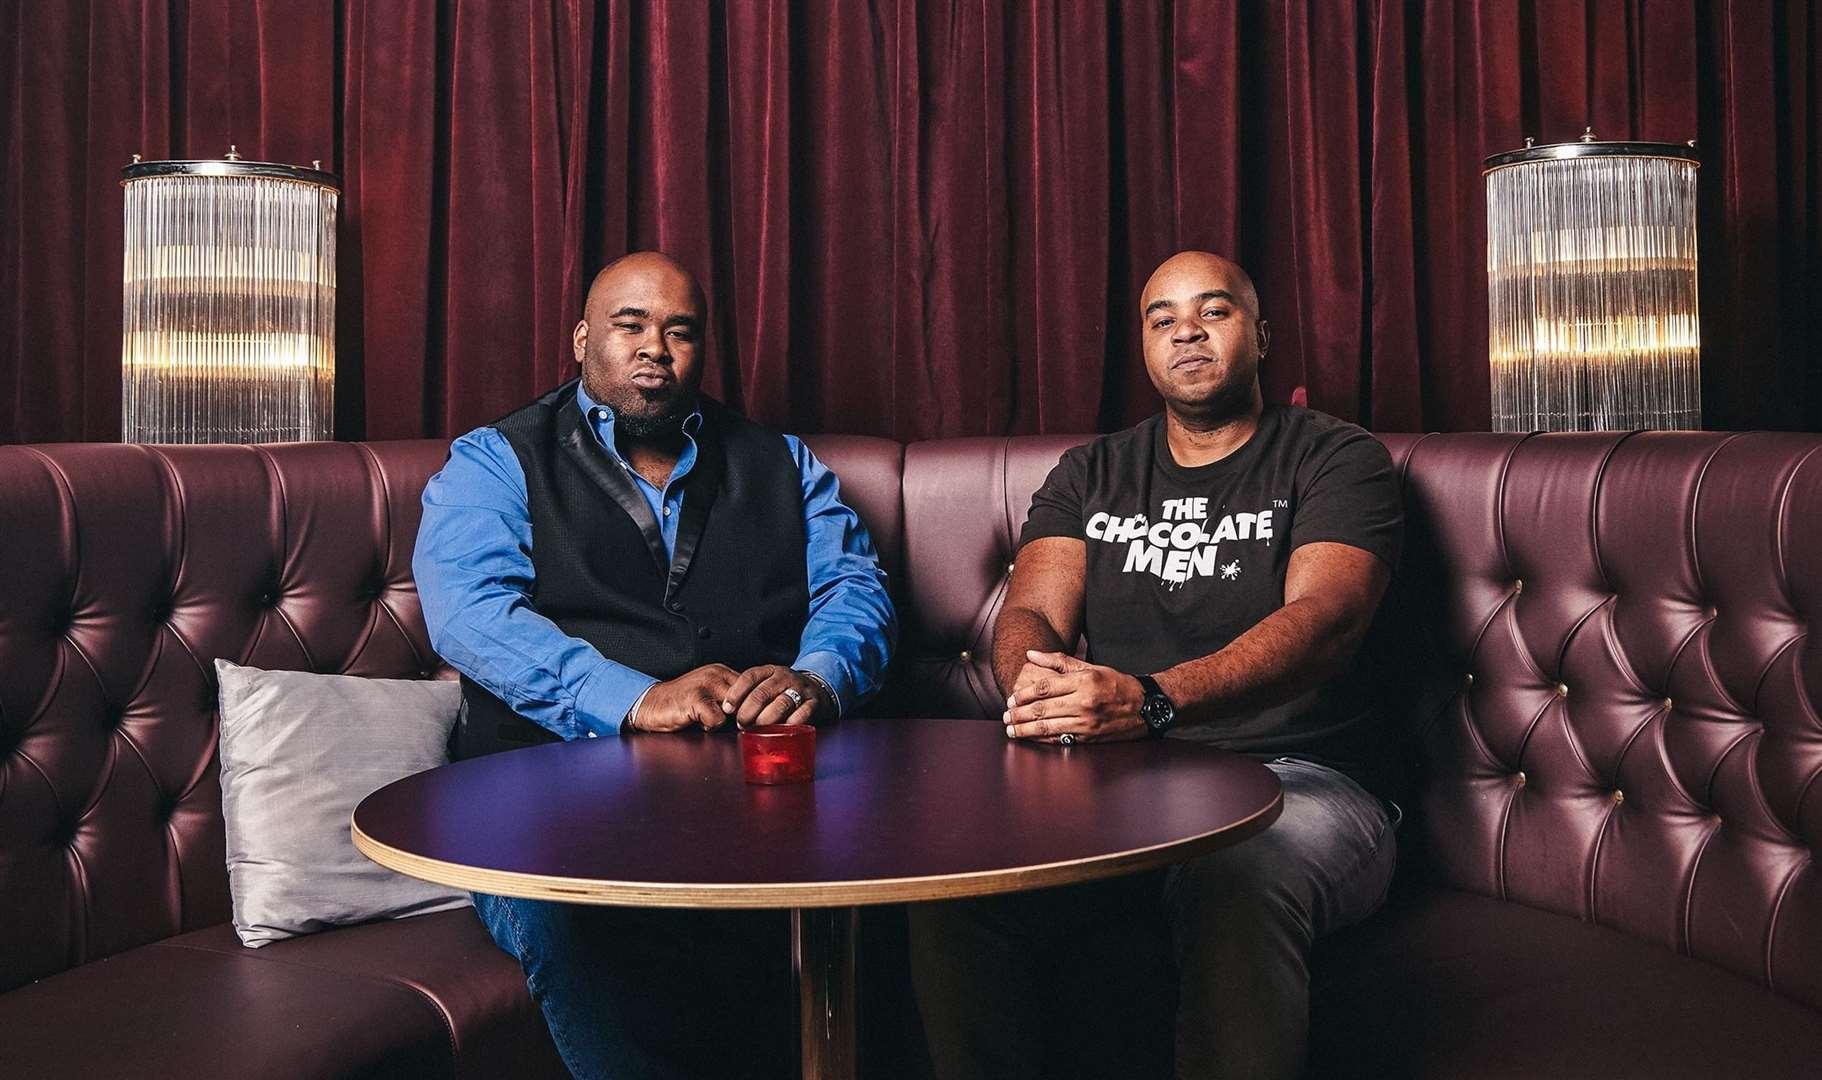 Louis François, à droite, et son partenaire commercial Dante Williams ont repéré une lacune sur le marché d'un spectacle entièrement noir et ont formé The Chocolate Men. Image: Canal 4